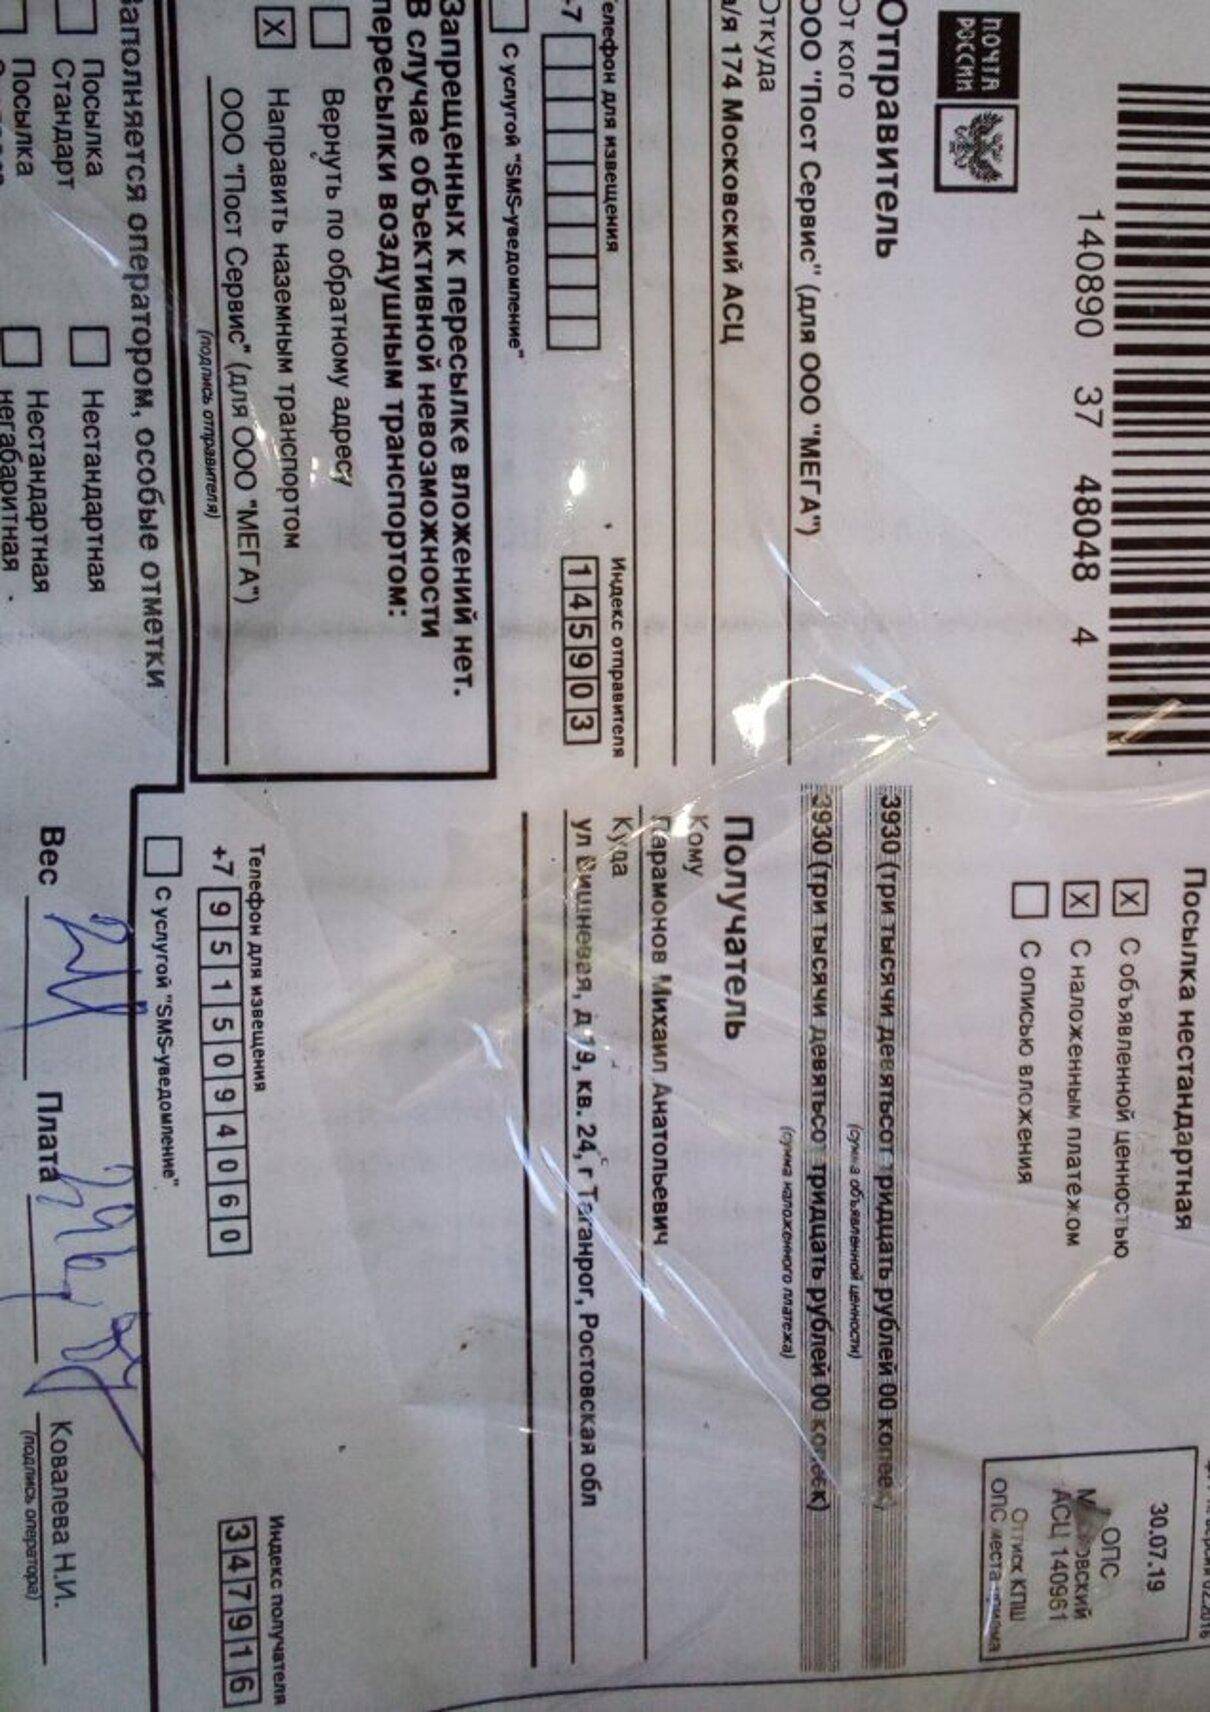 Жалоба-отзыв: Ооо пим почта - Пустая посылка за 4009 рублей.  Фото №3